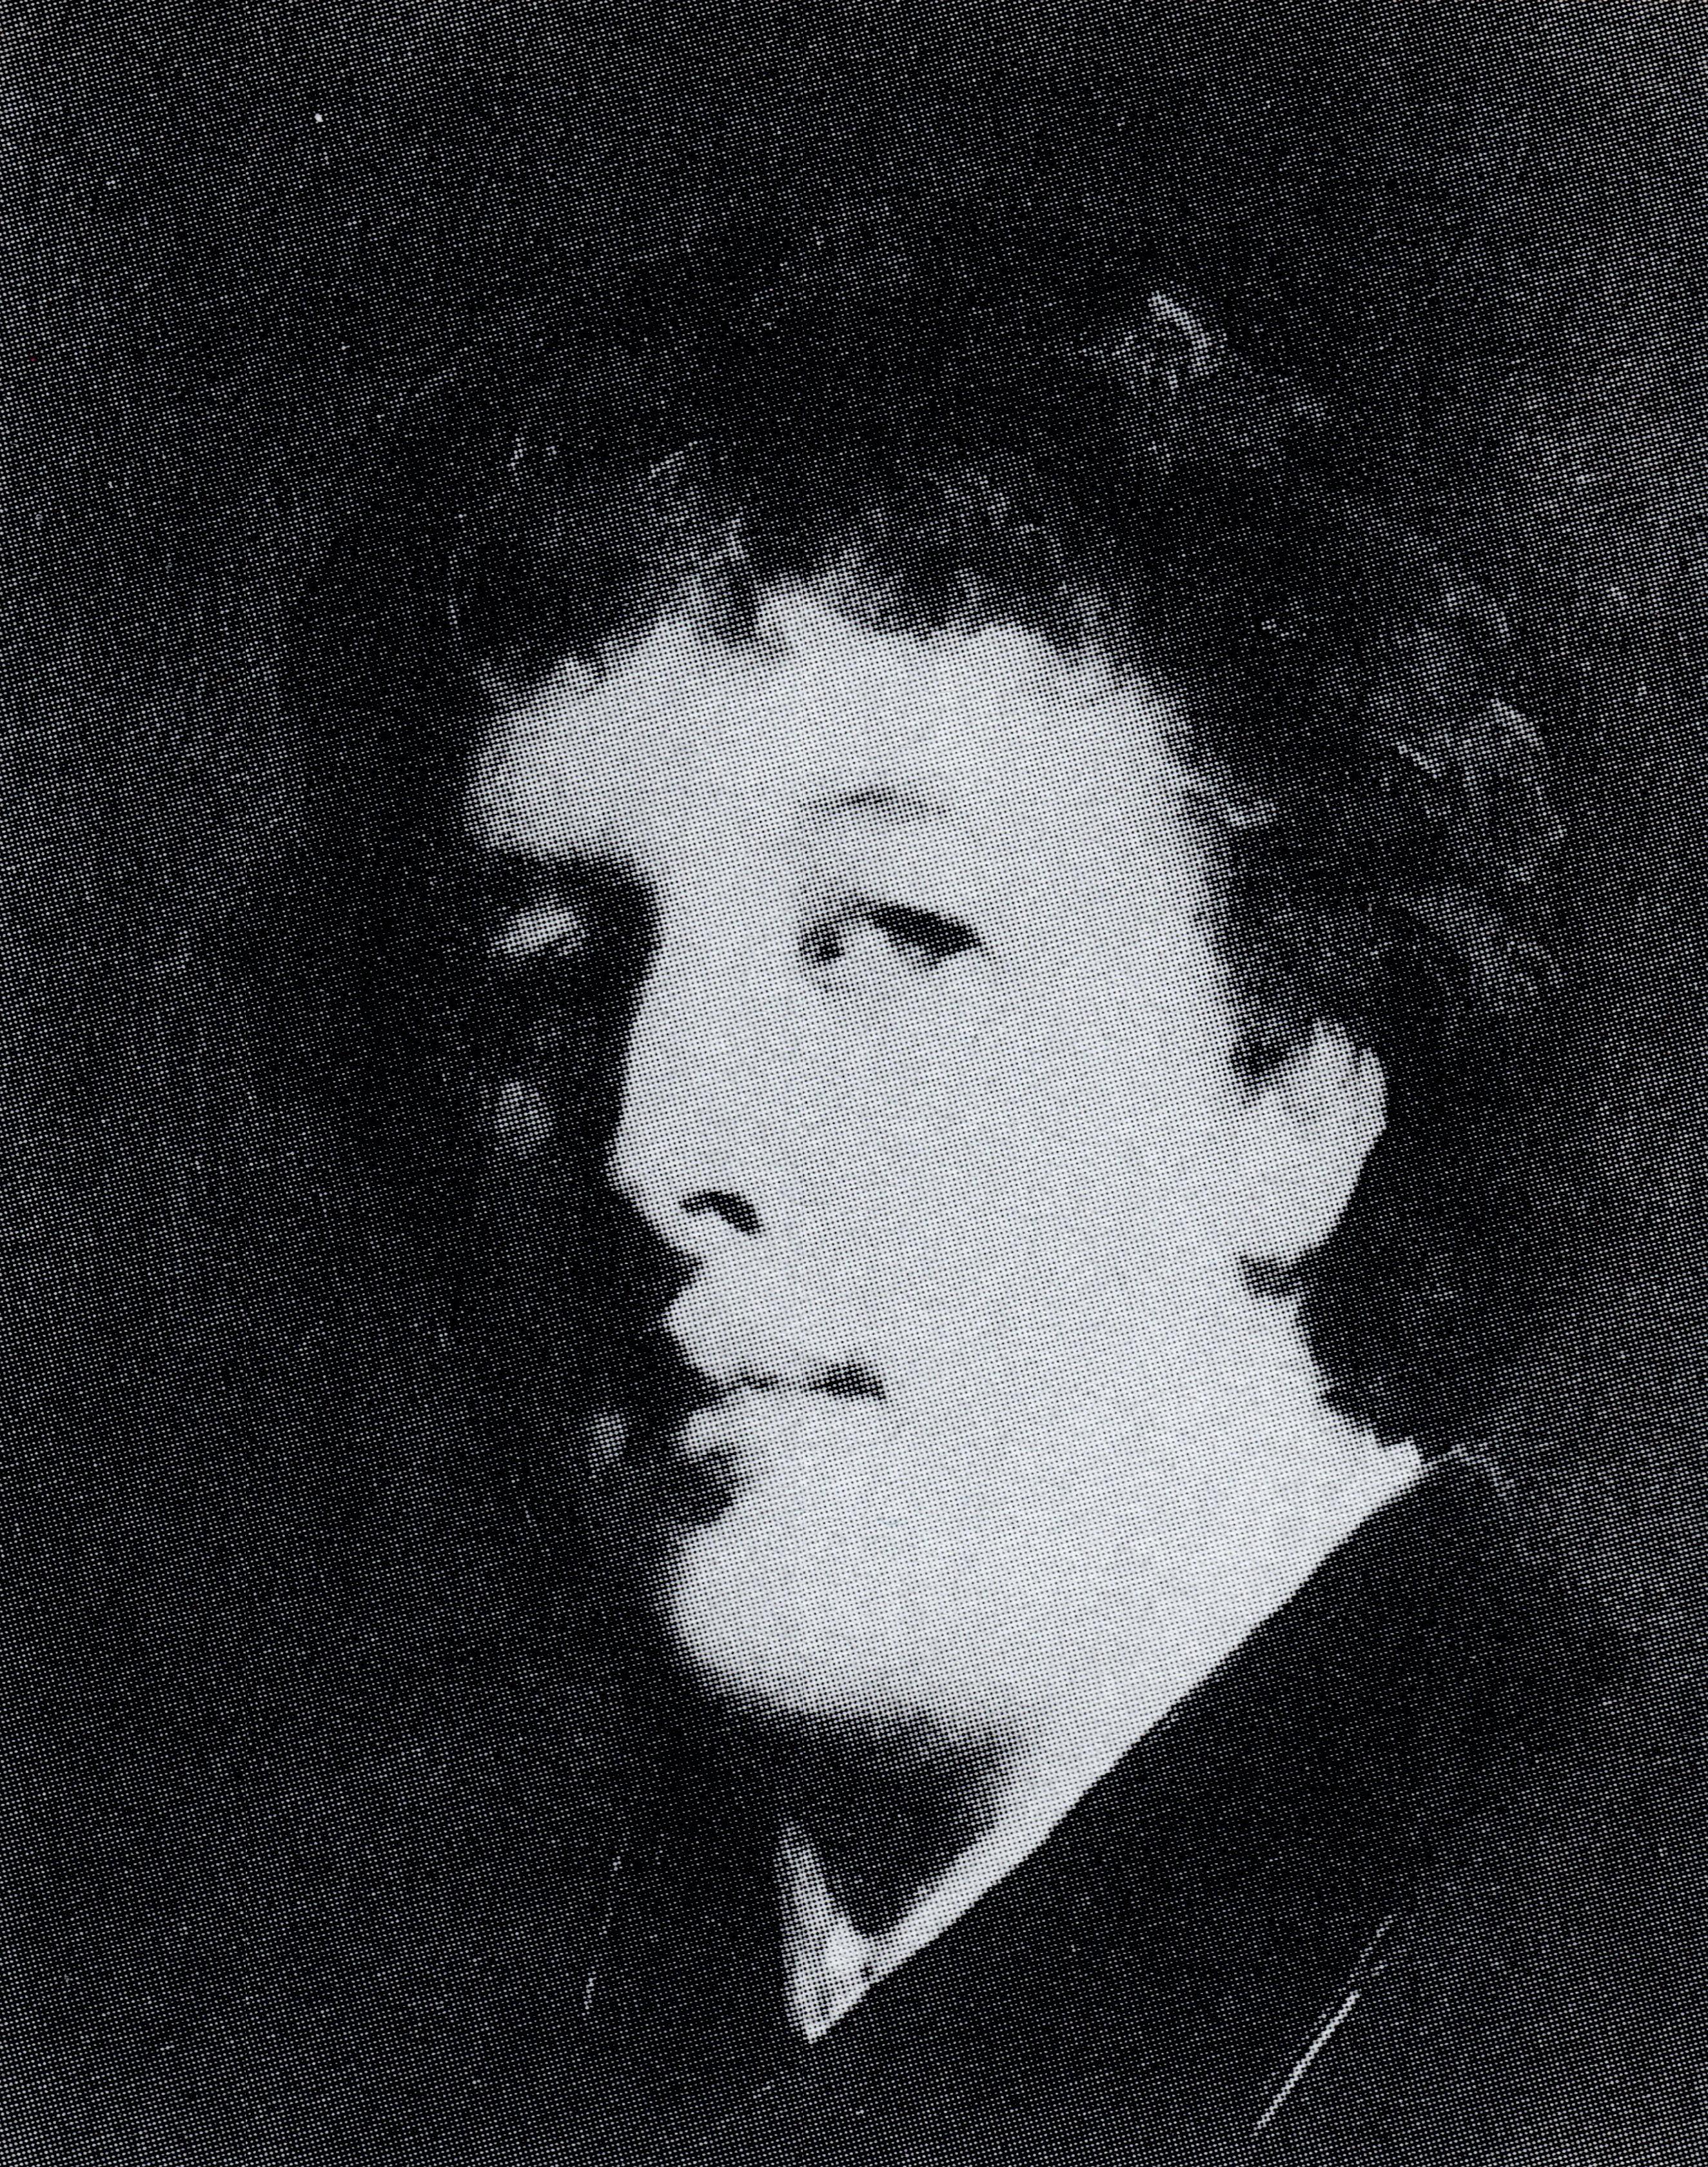 Oscar Wilde photo #105536, Oscar Wilde image